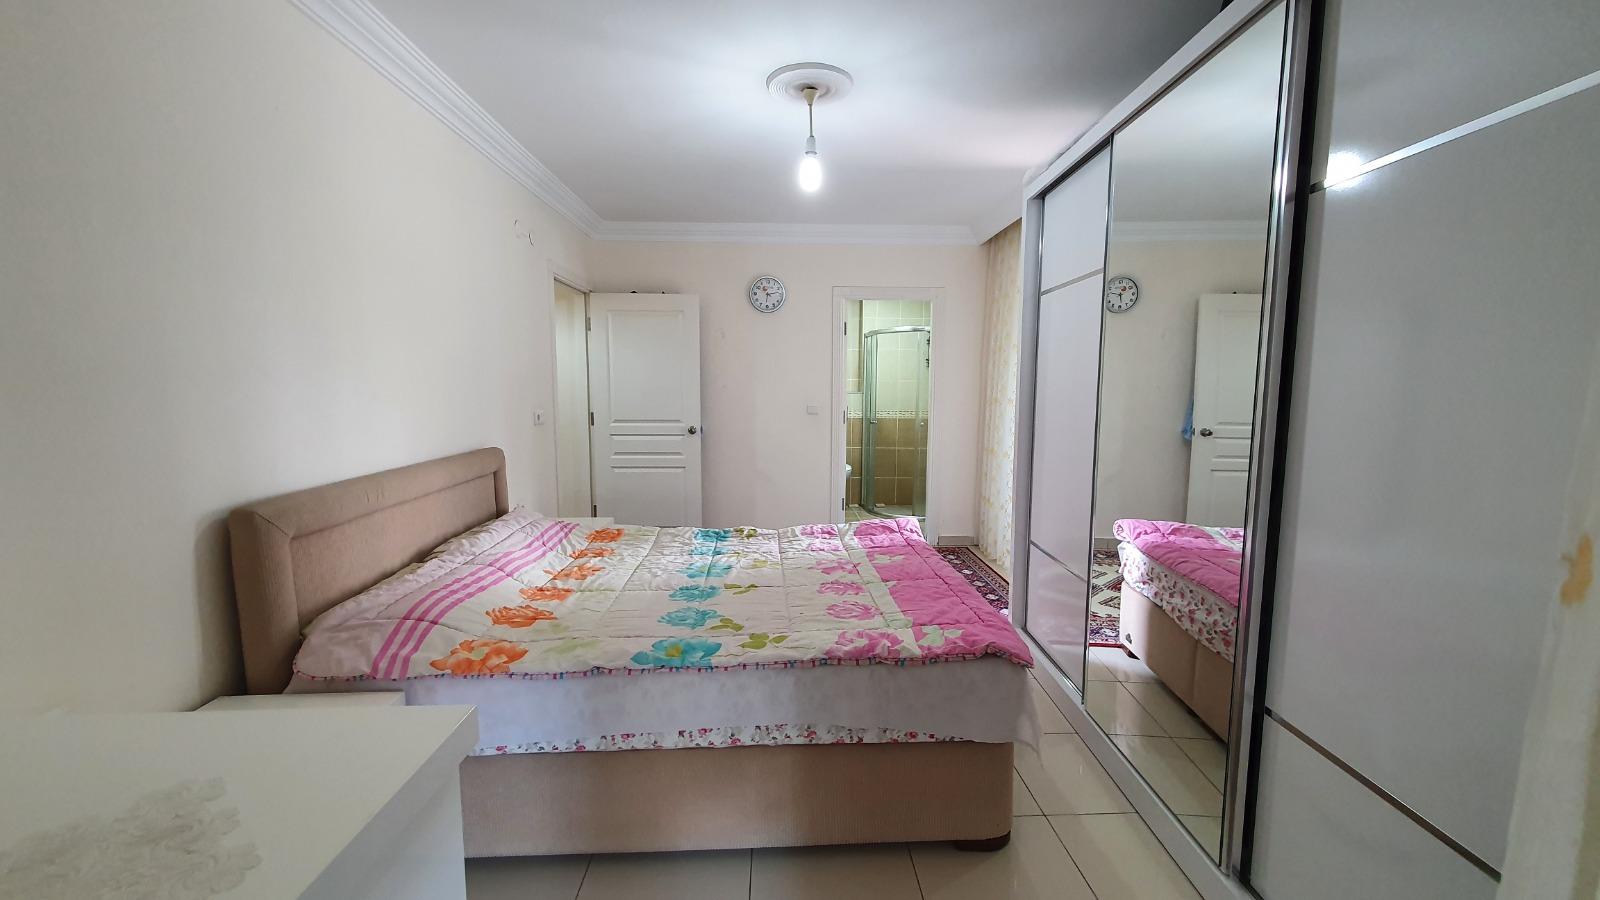 Квартира 2+1 в районе Махмутлар - Фото 10